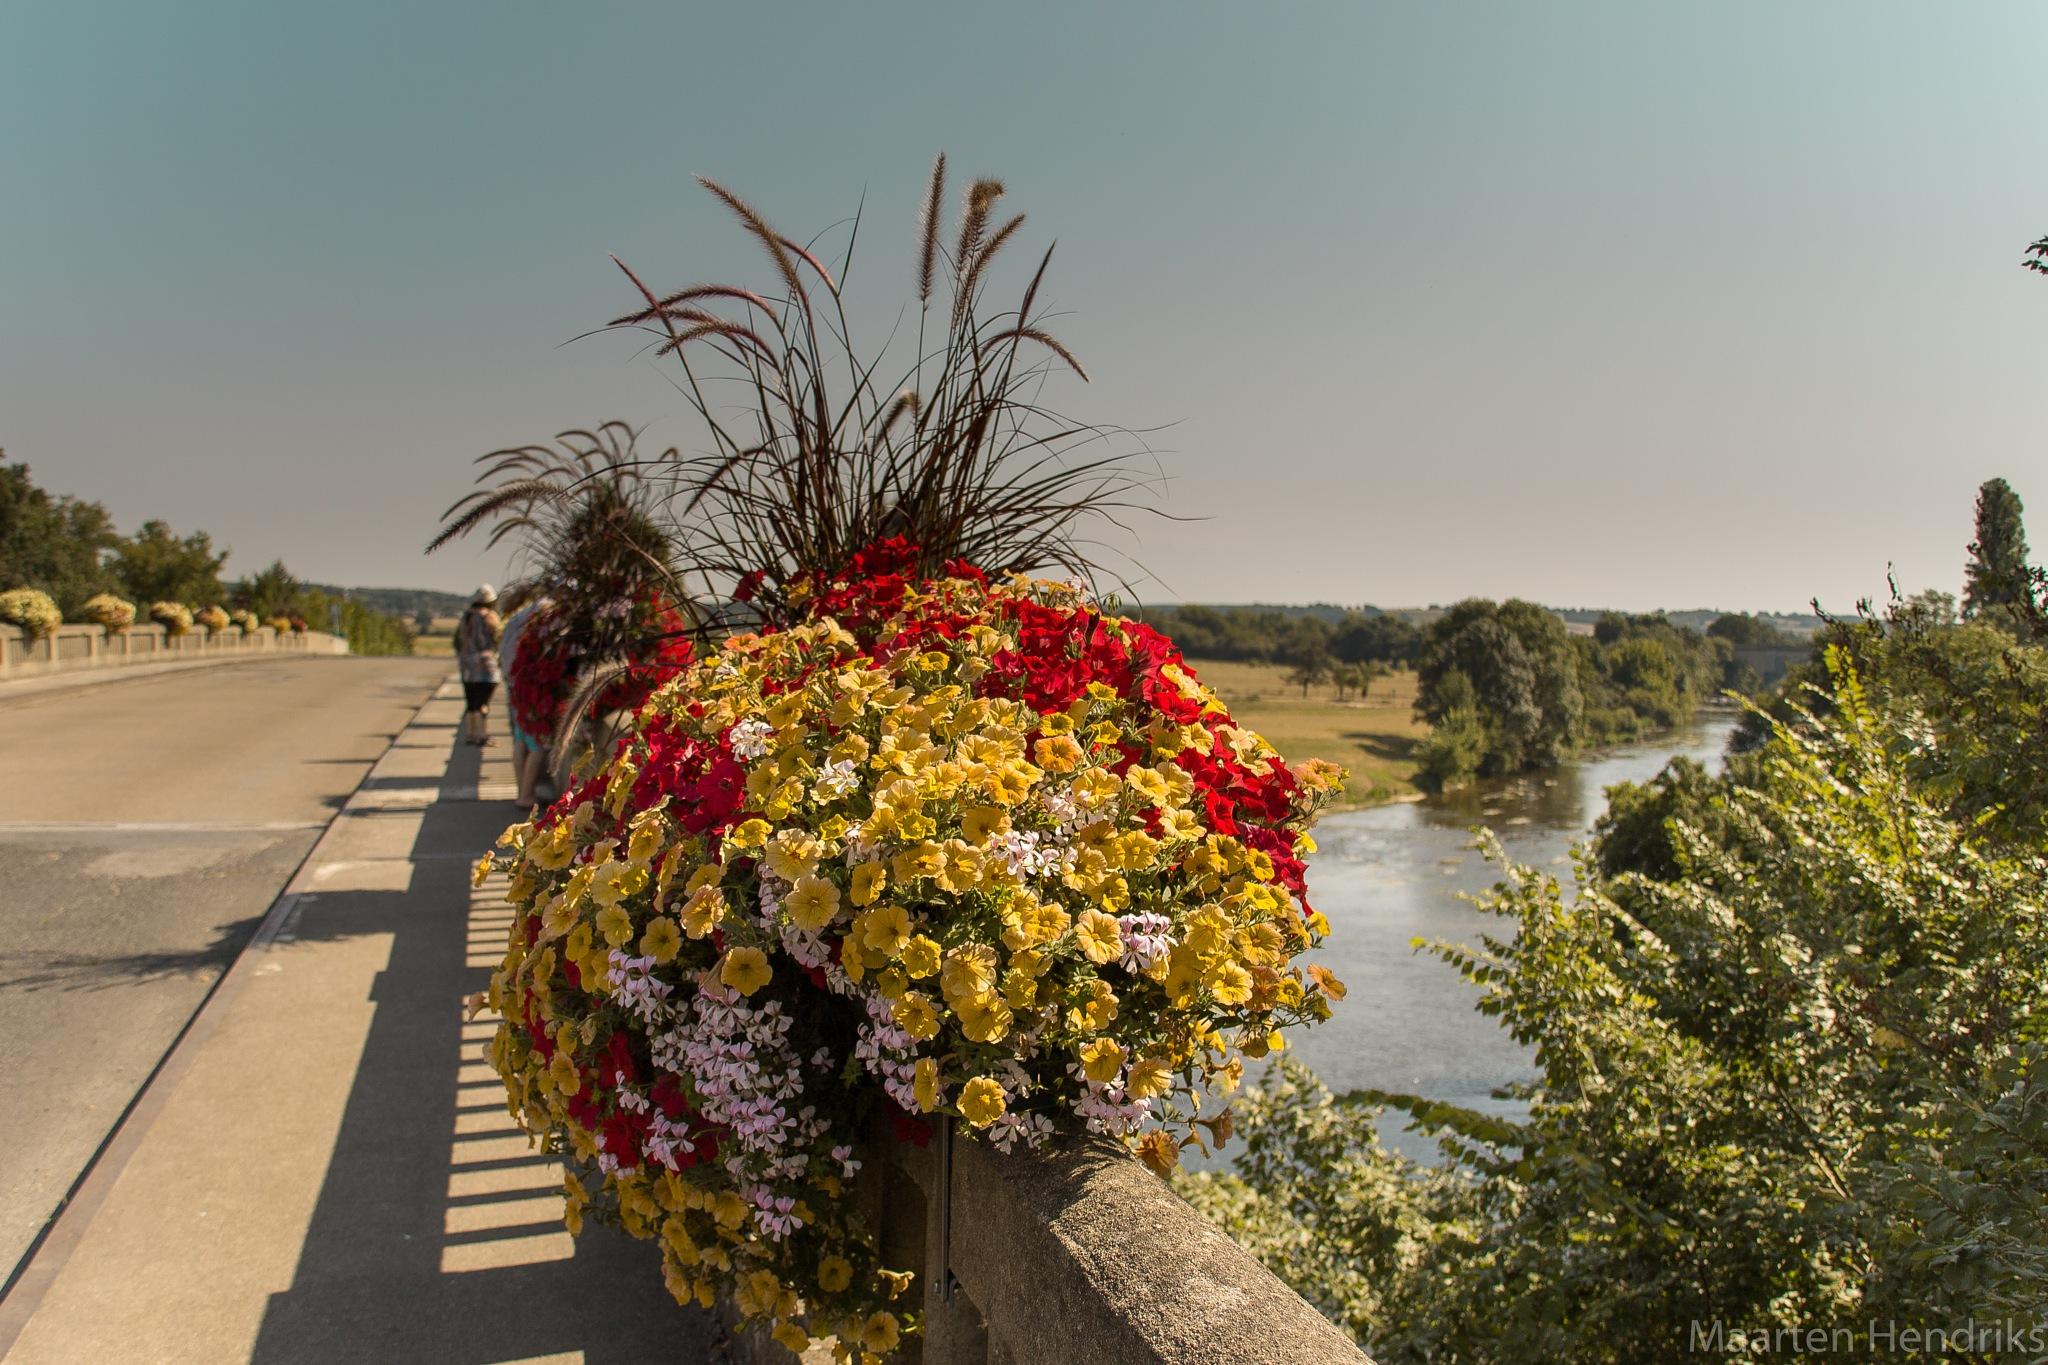 flowers on a bridge by Maarten Hendriks